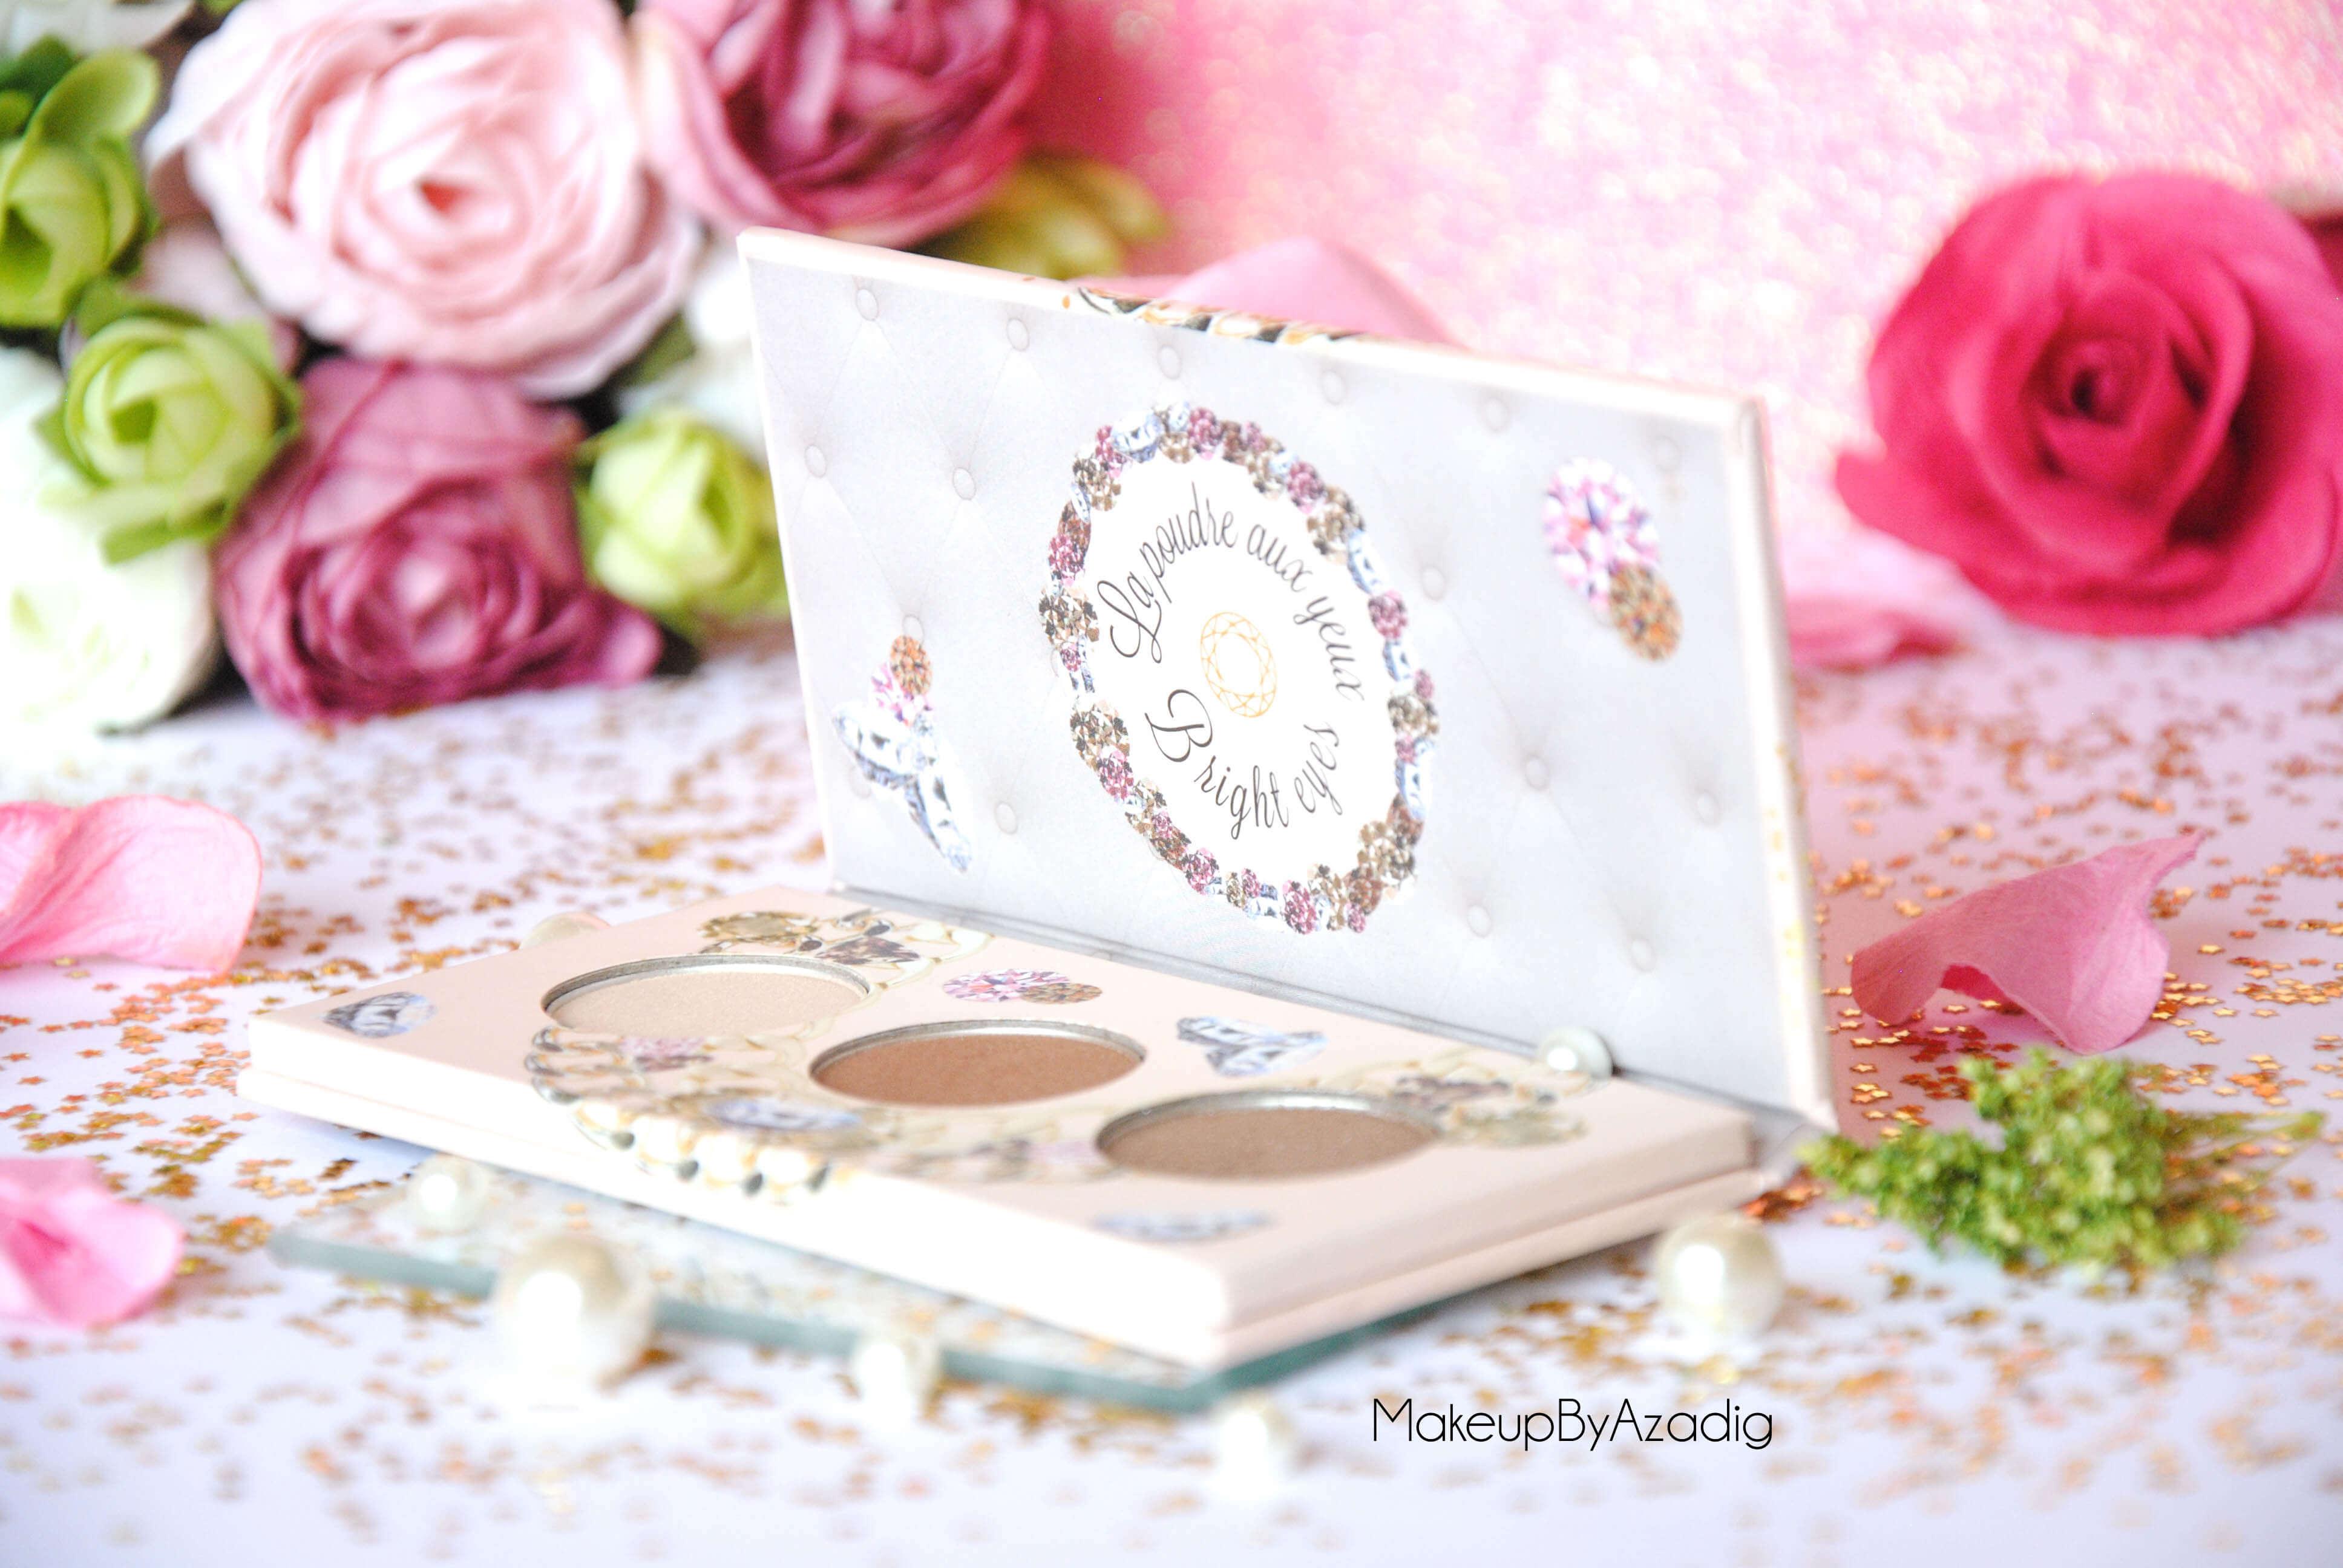 makeupbyazadig-palette-fards-paupieres-lollipops-paris-precieuse-monoprix-sephora-troyes-blog-revue-open